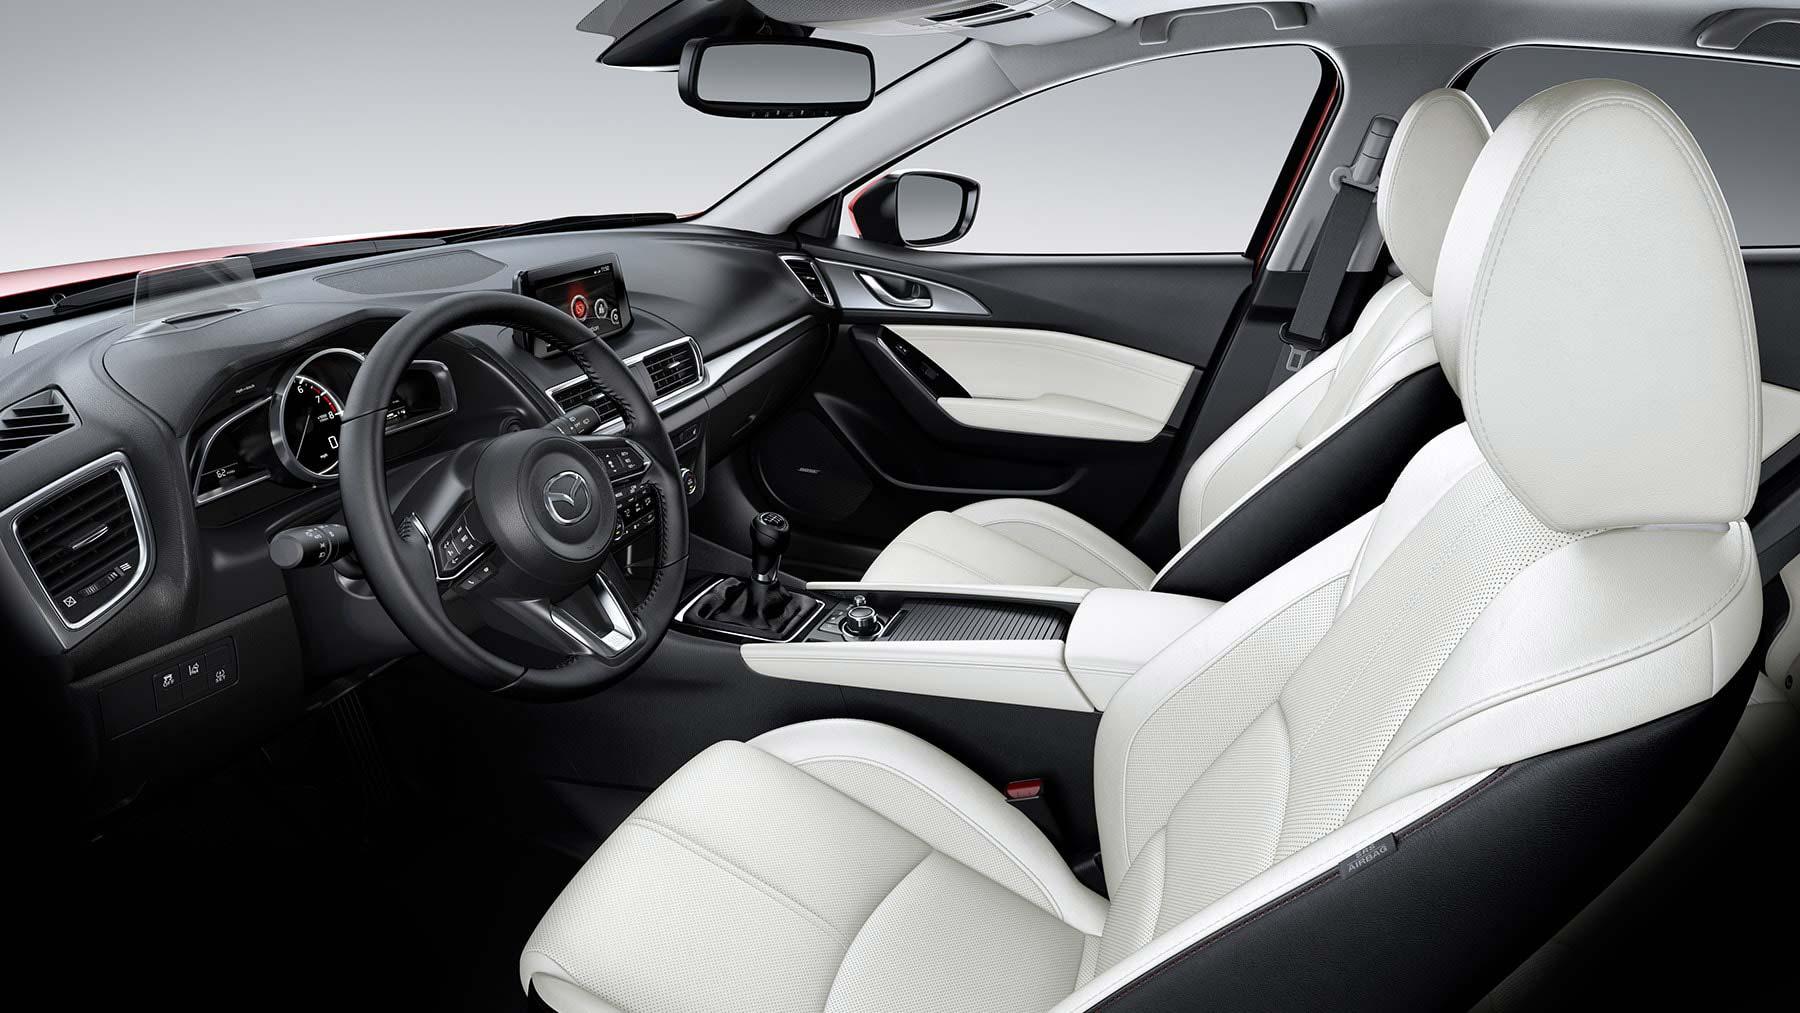 2018 mazda 3 hatchback fuel efficient compact car mazda usa. Black Bedroom Furniture Sets. Home Design Ideas